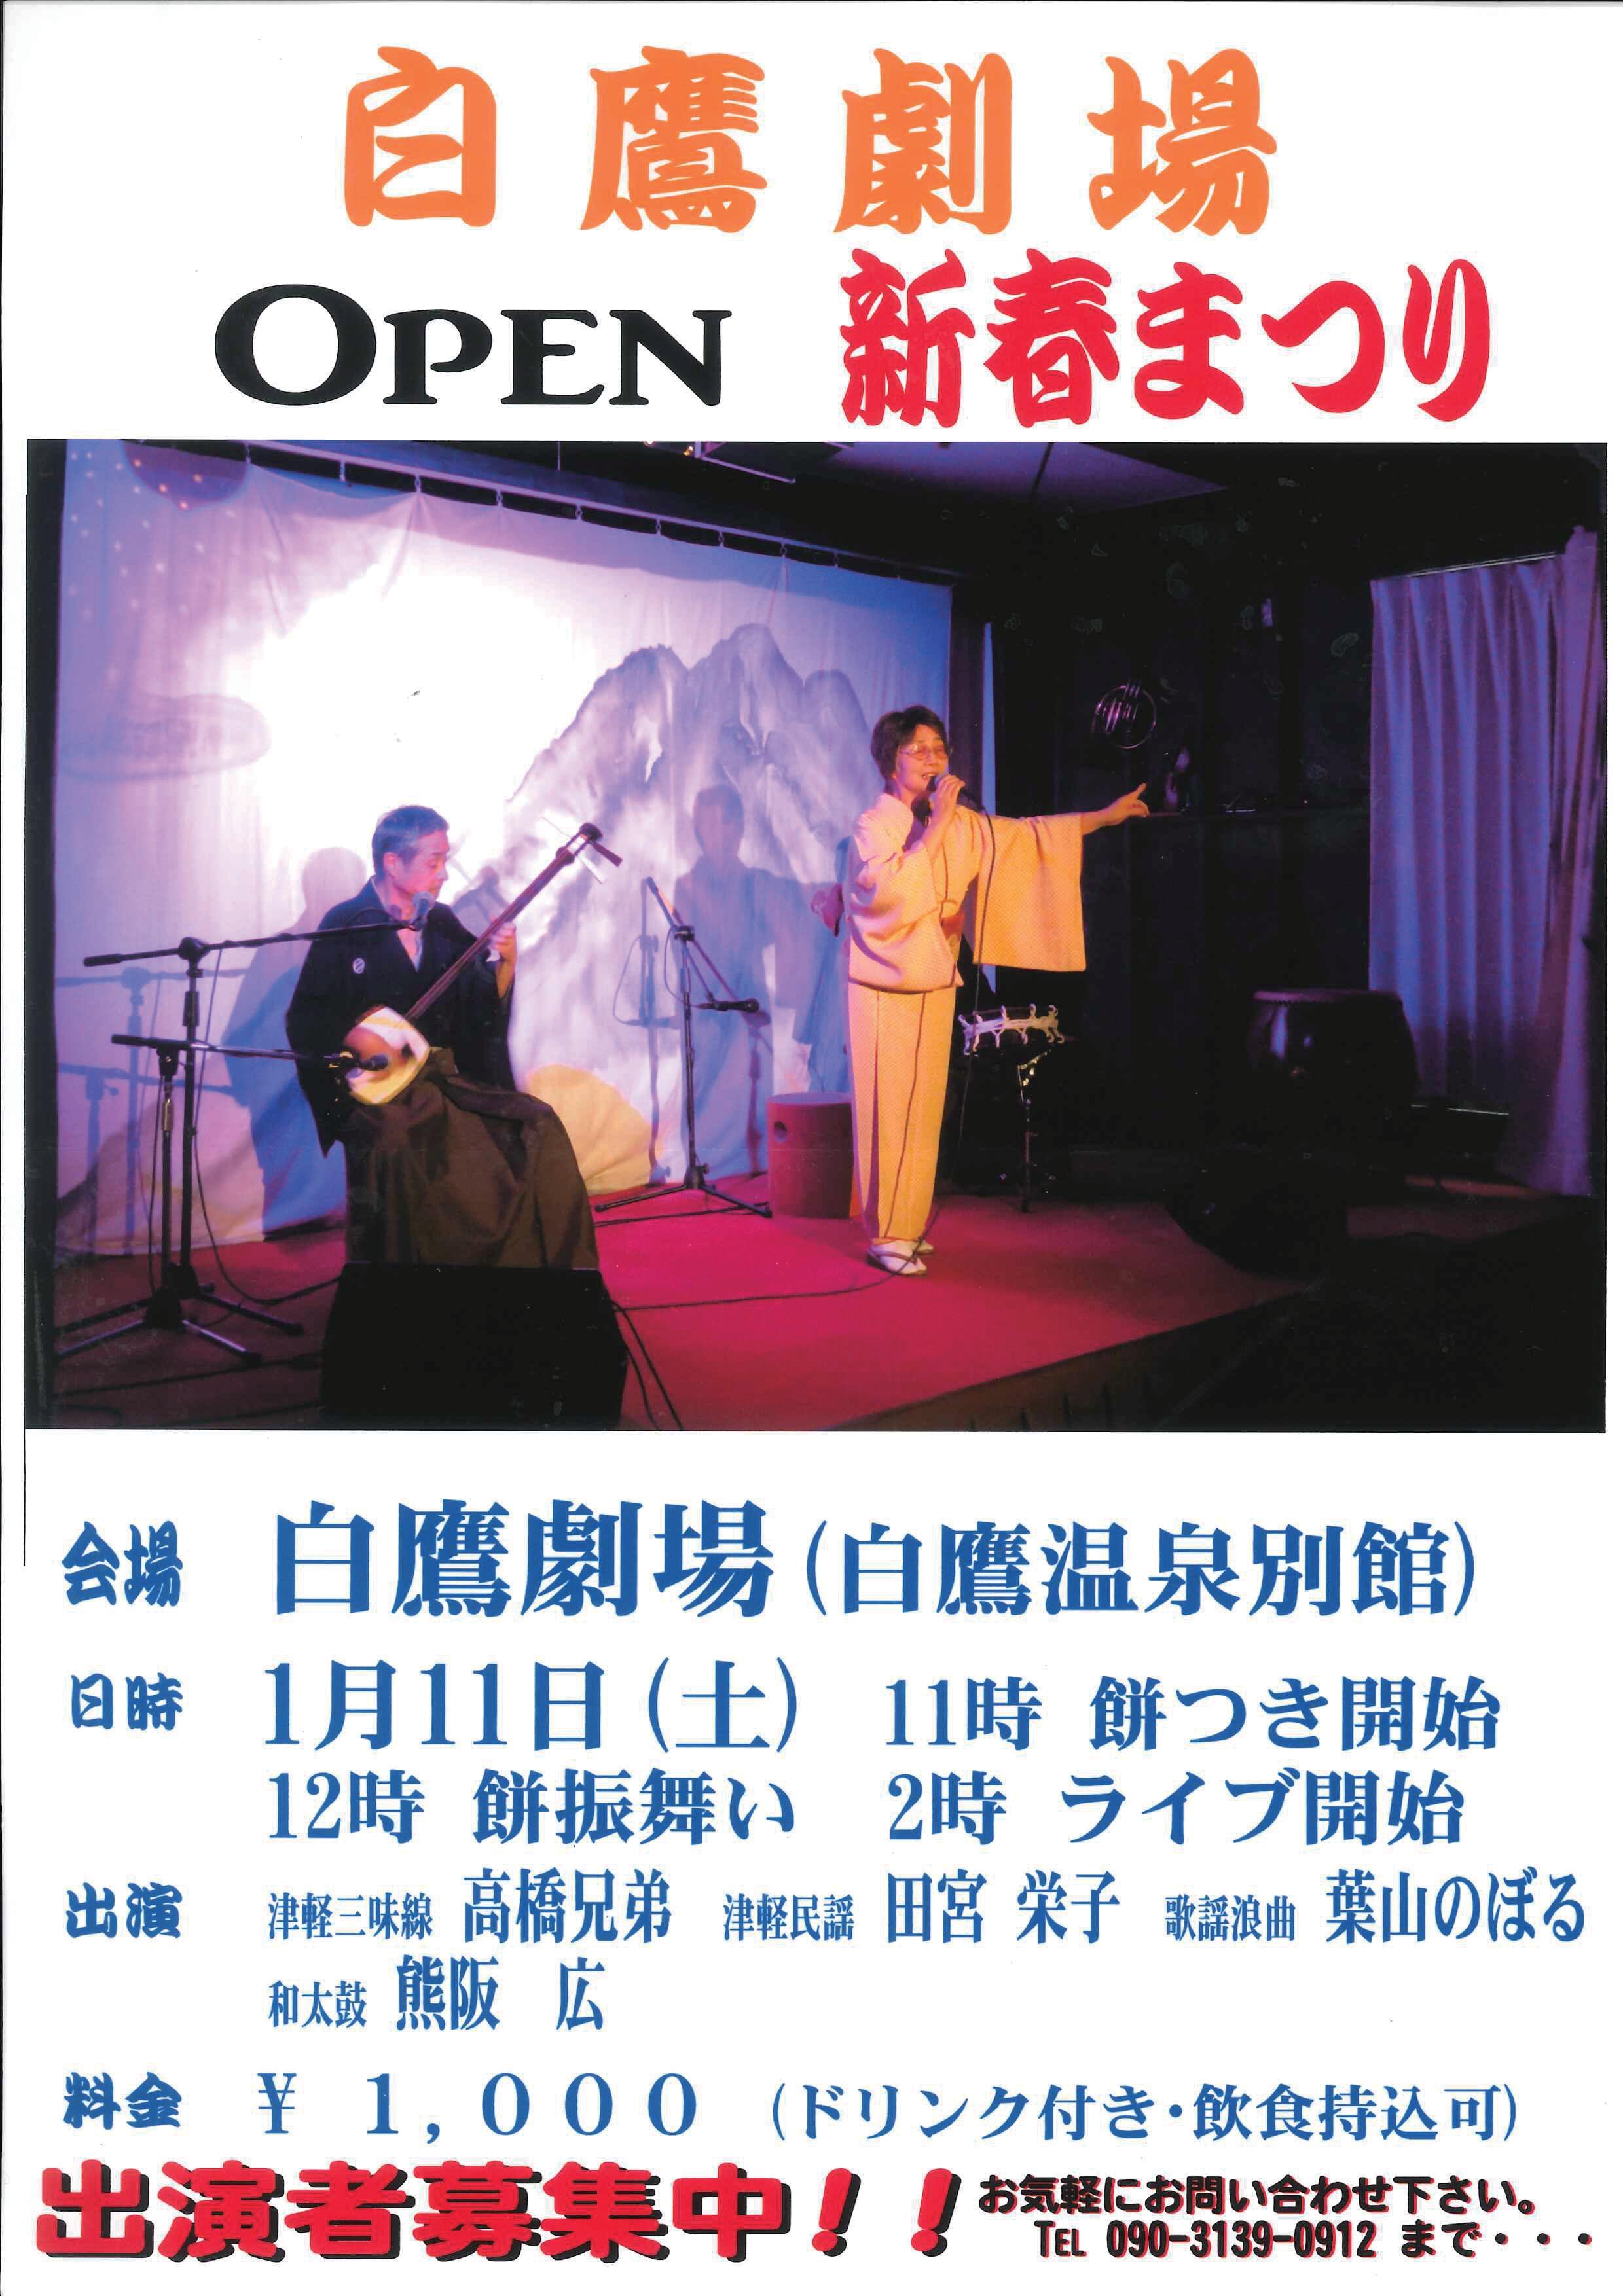 白鷹温泉ライブのお知らせ:画像